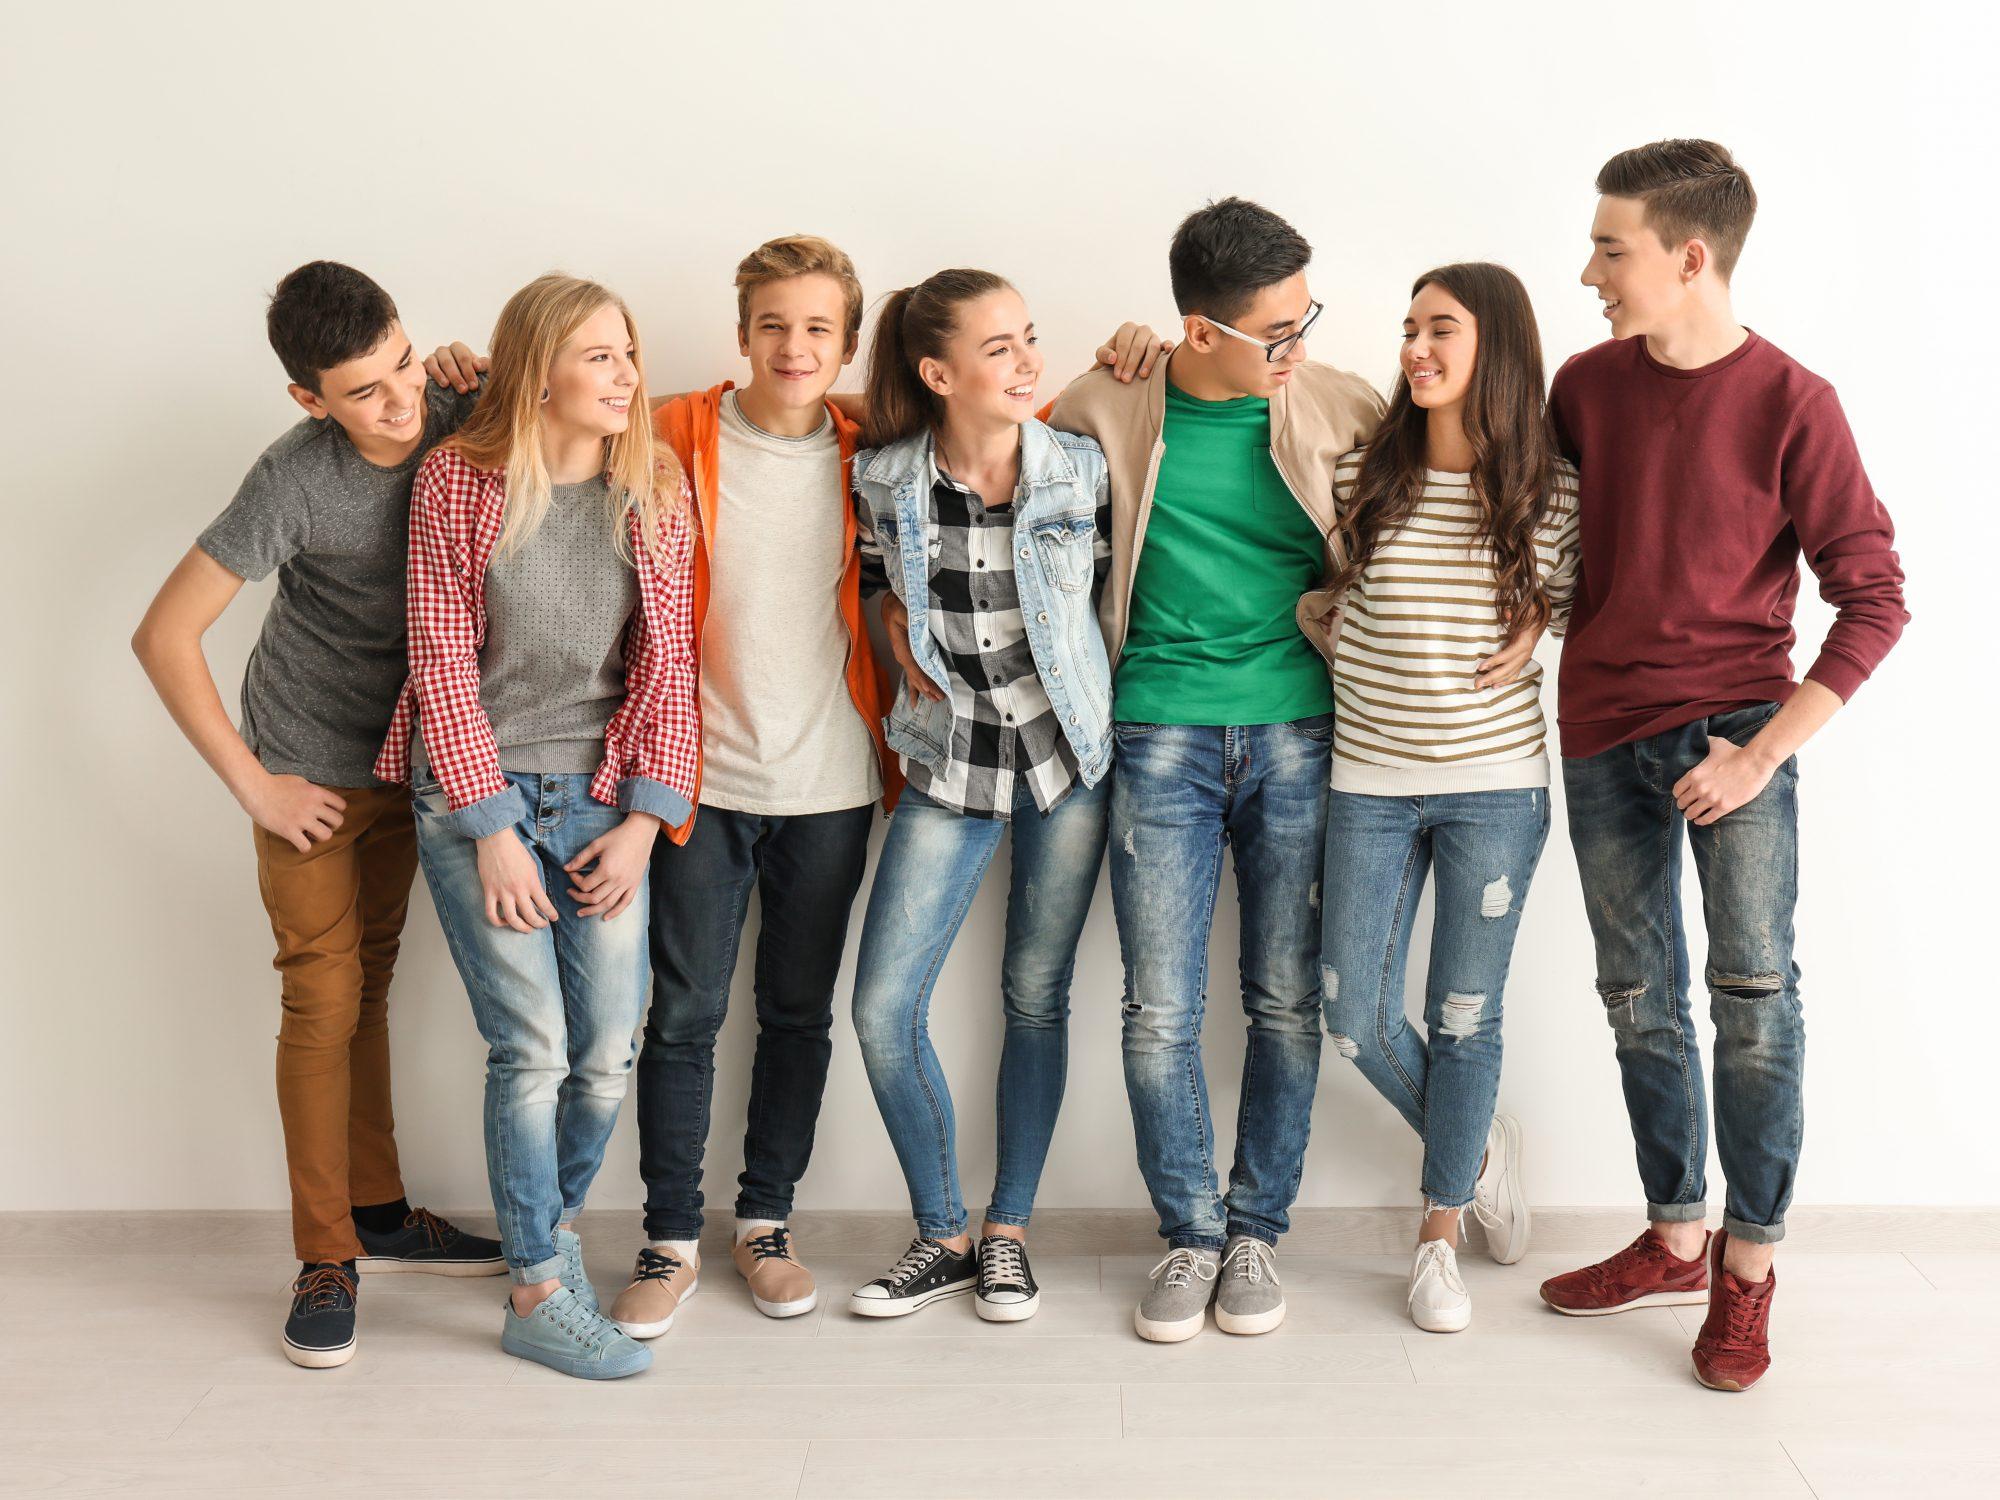 Cooles Outfit bei Kinder und Jugendlichen